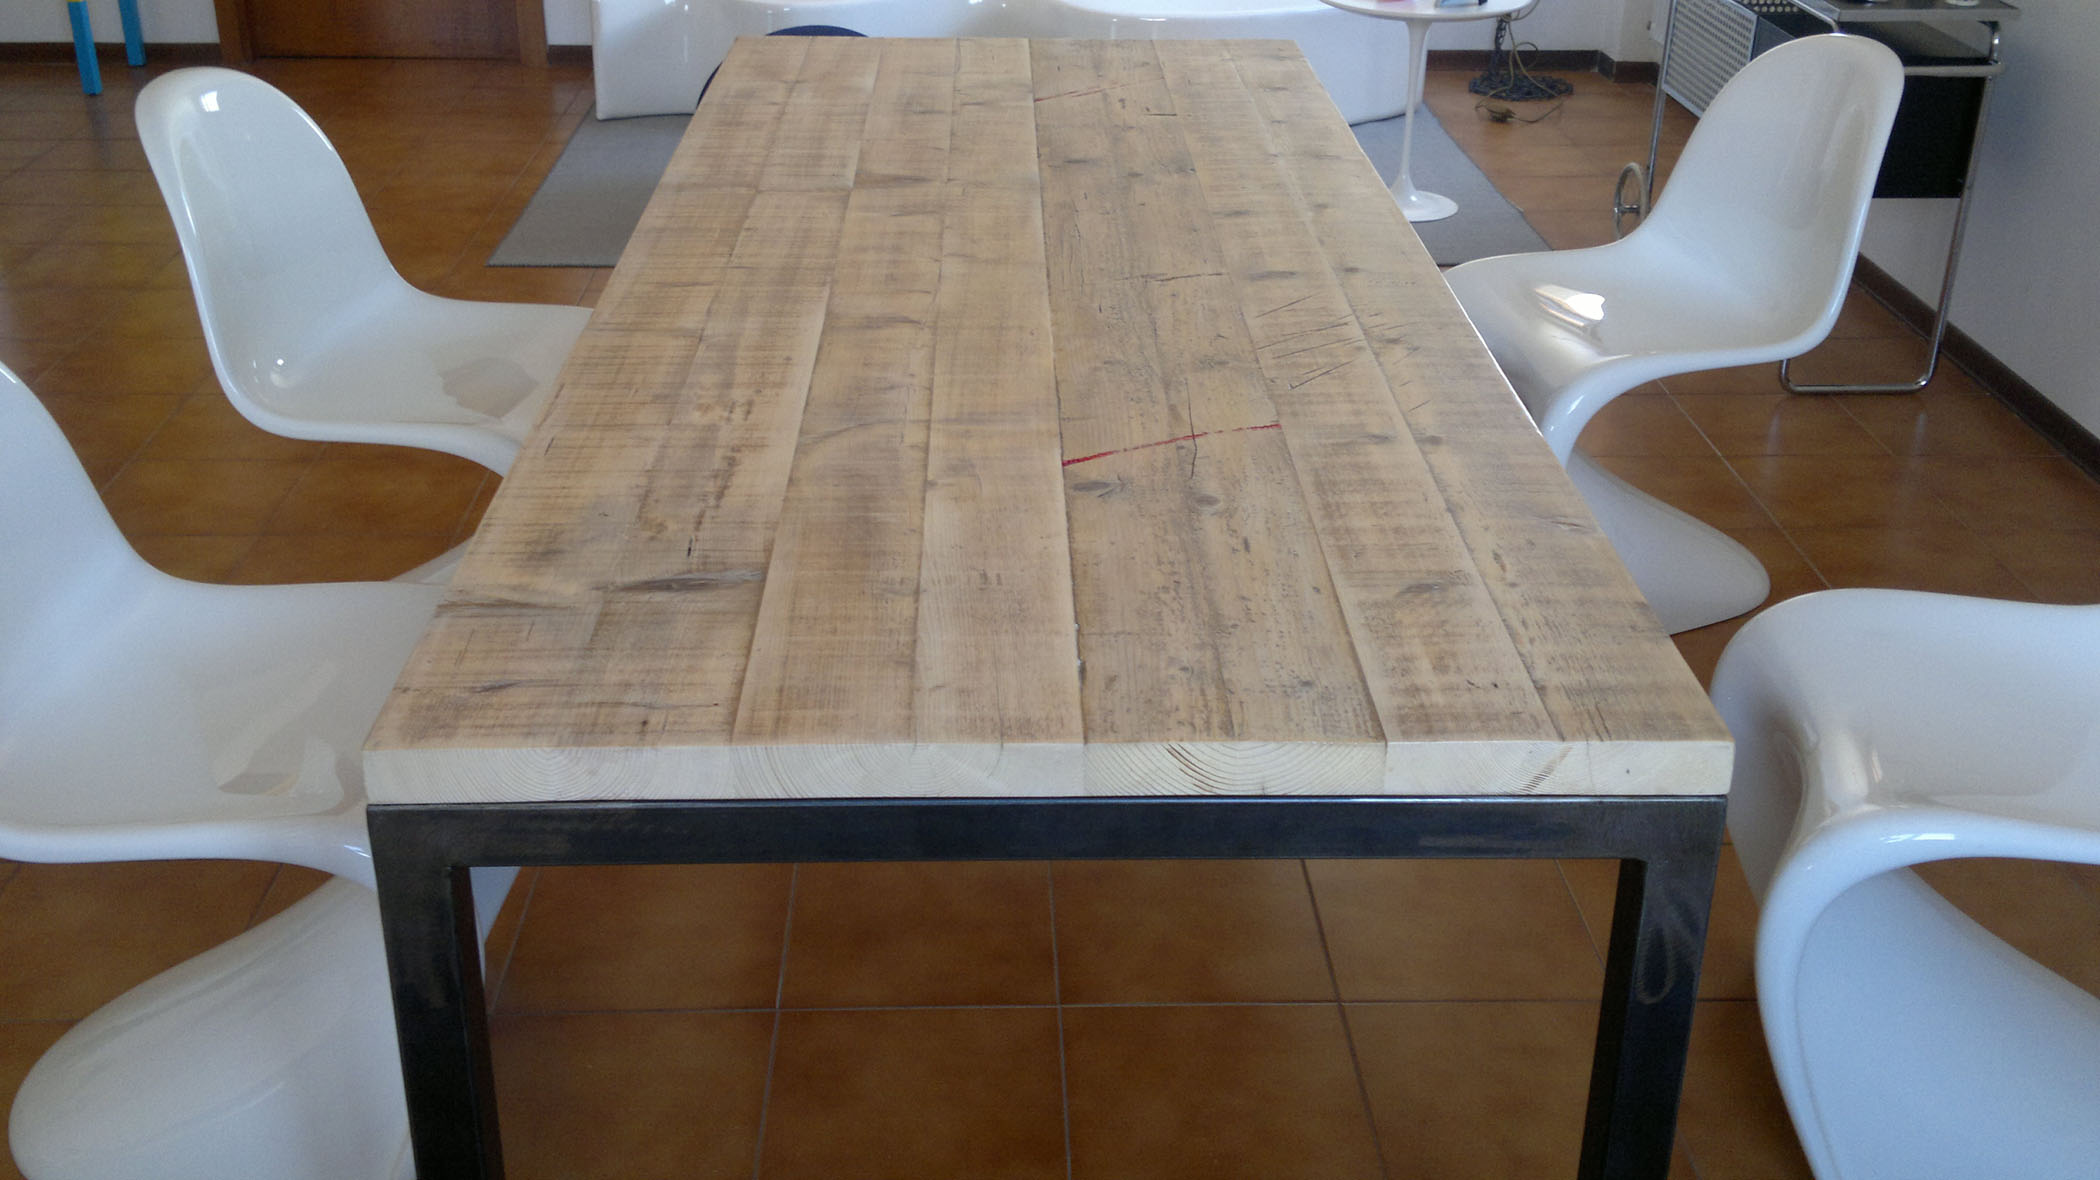 Tavolo da pranzo stile industriale con assi di legno riciclato e struttura in ferro